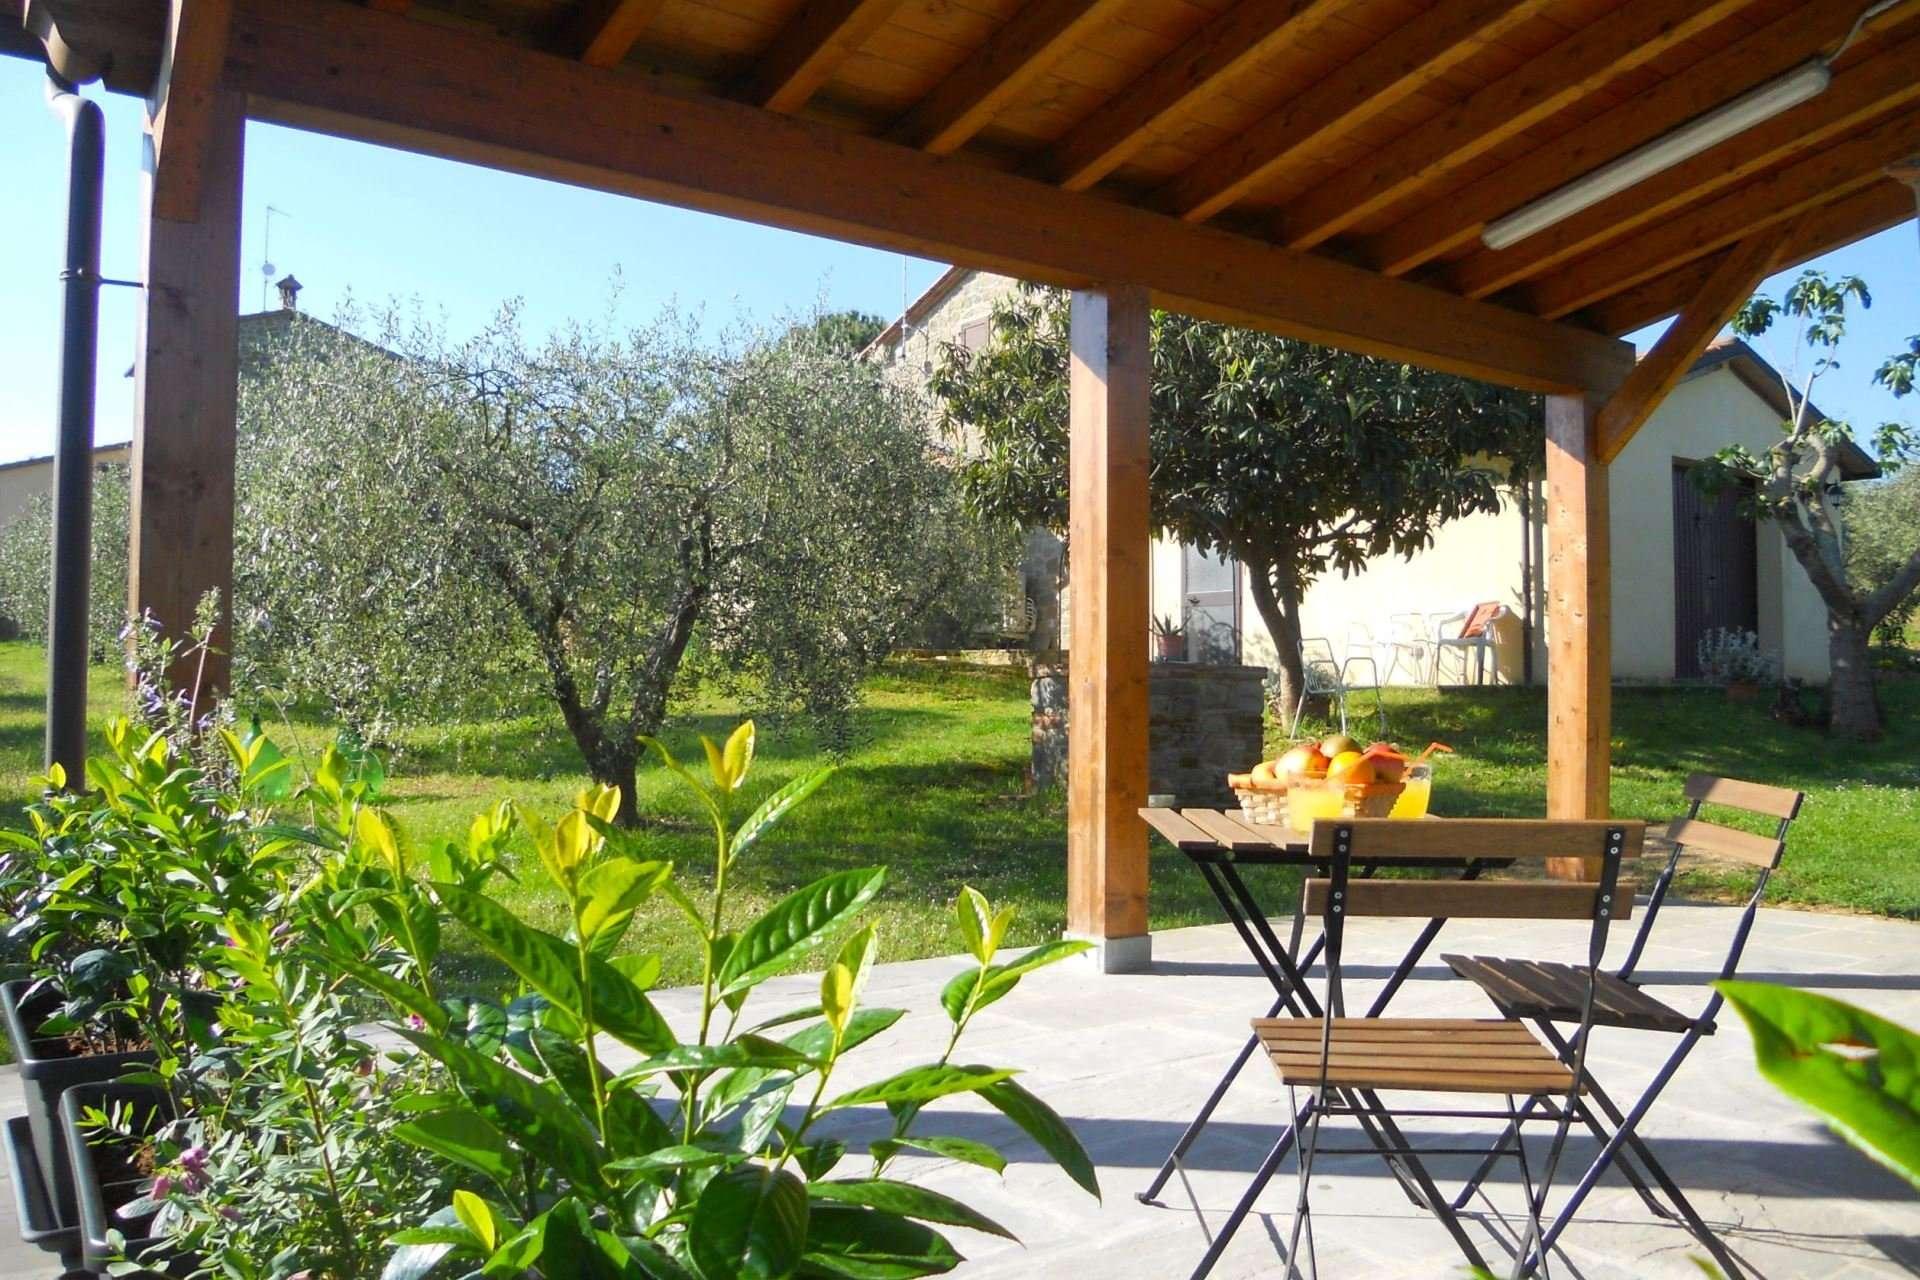 selva degli ulivi - overdekt terras voor onbijt